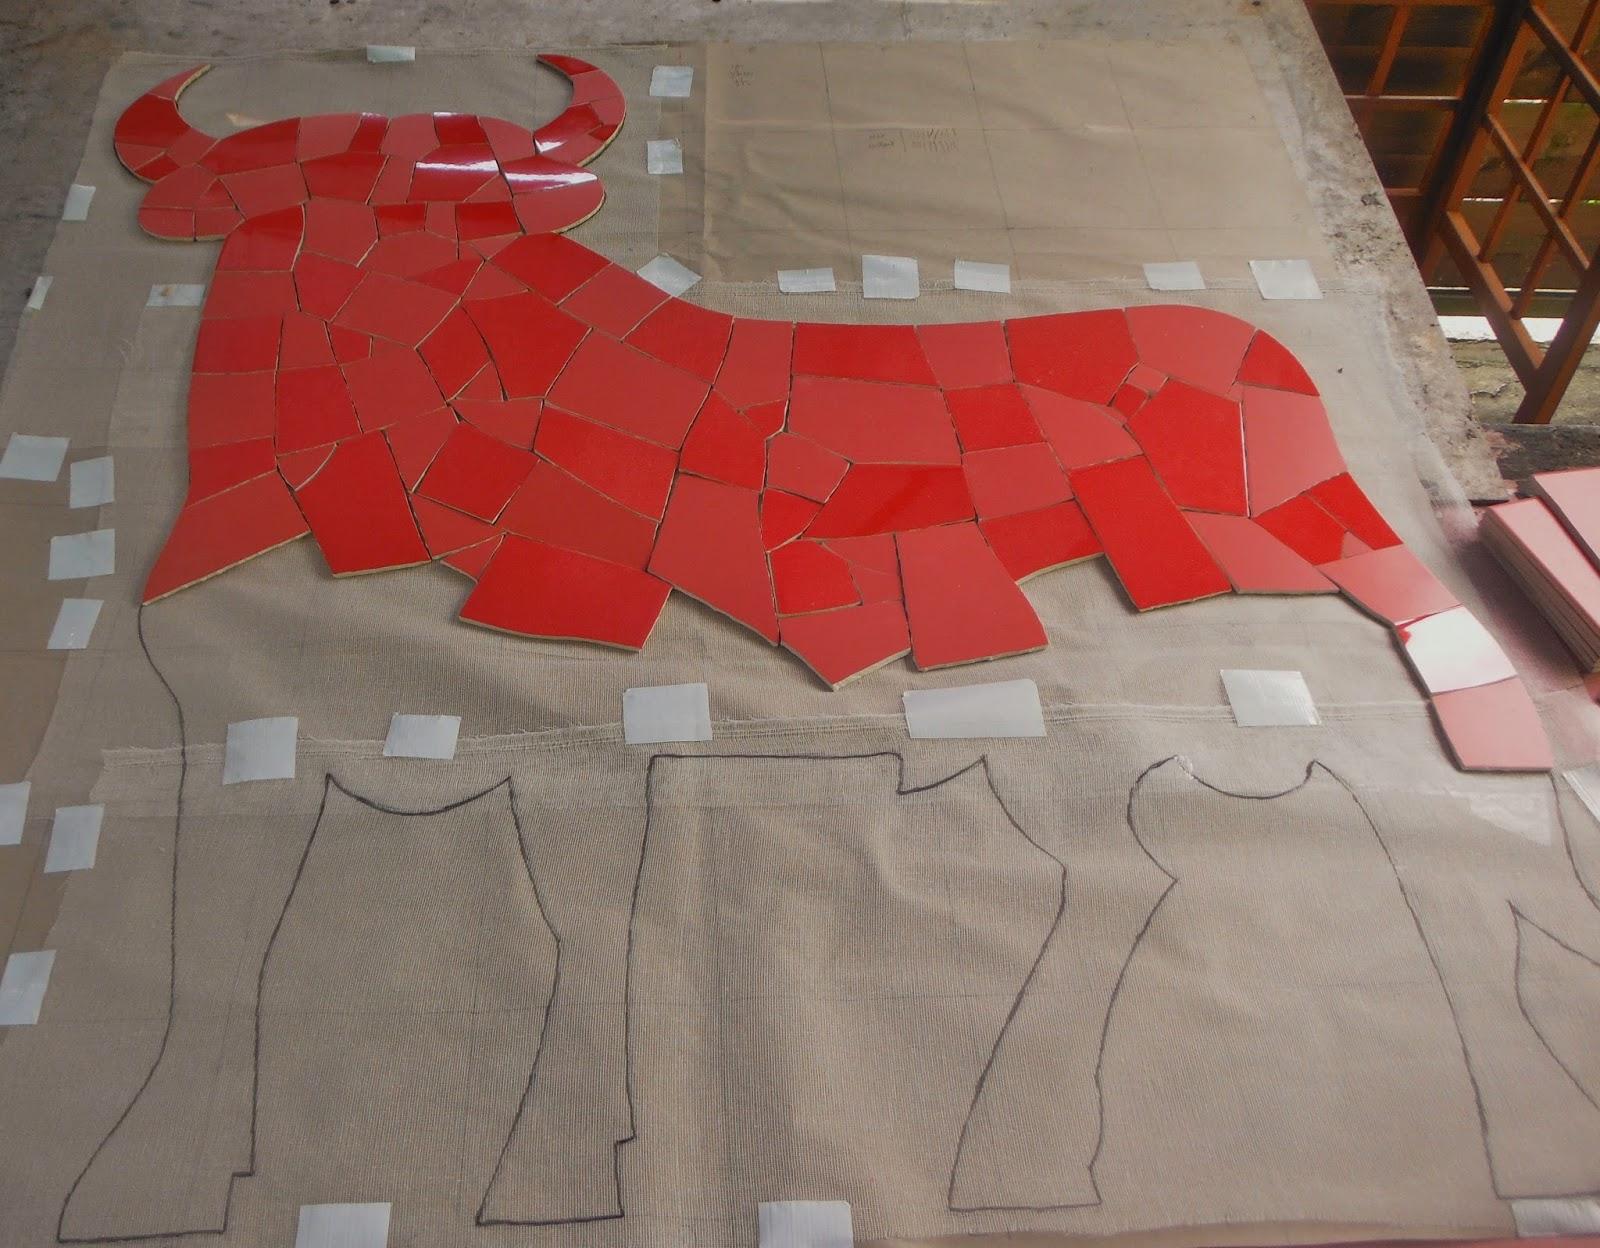 étape réalisation mosaïque en faïence rouge taureau espagnol par mimi vermicelle